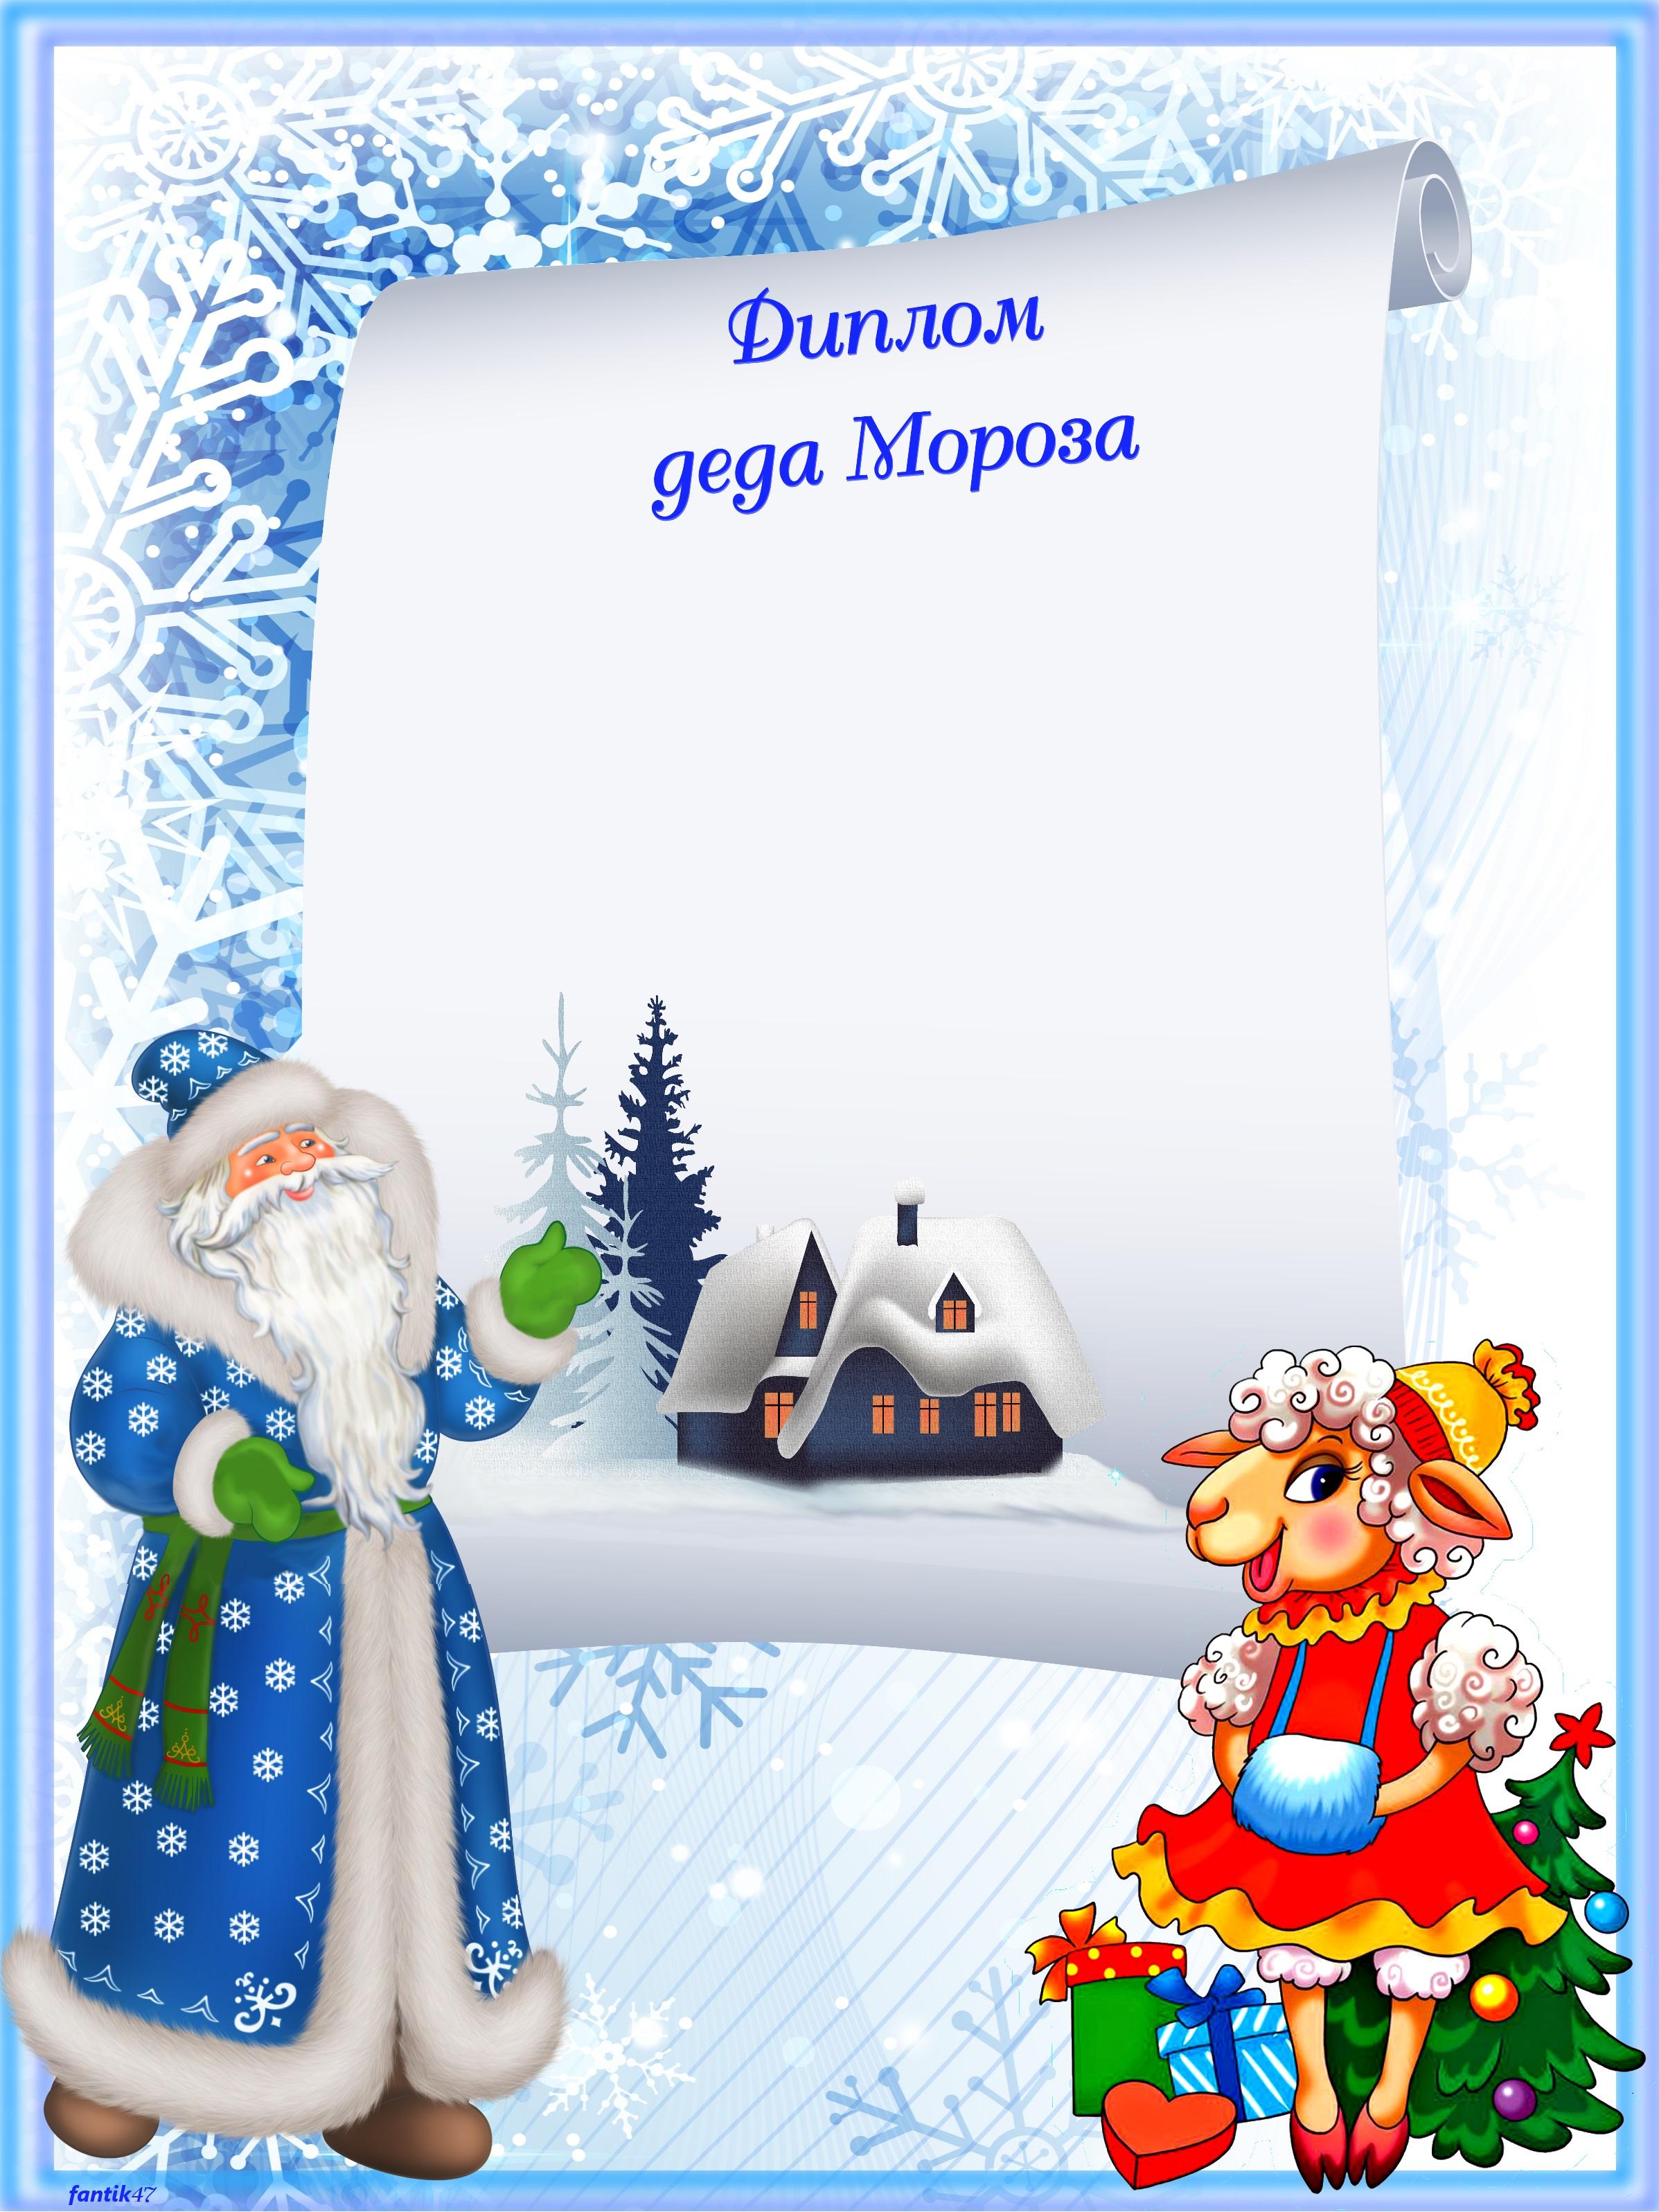 Остров пенсионеров Диплом от Деда Мороза Остров пенсионеров ·